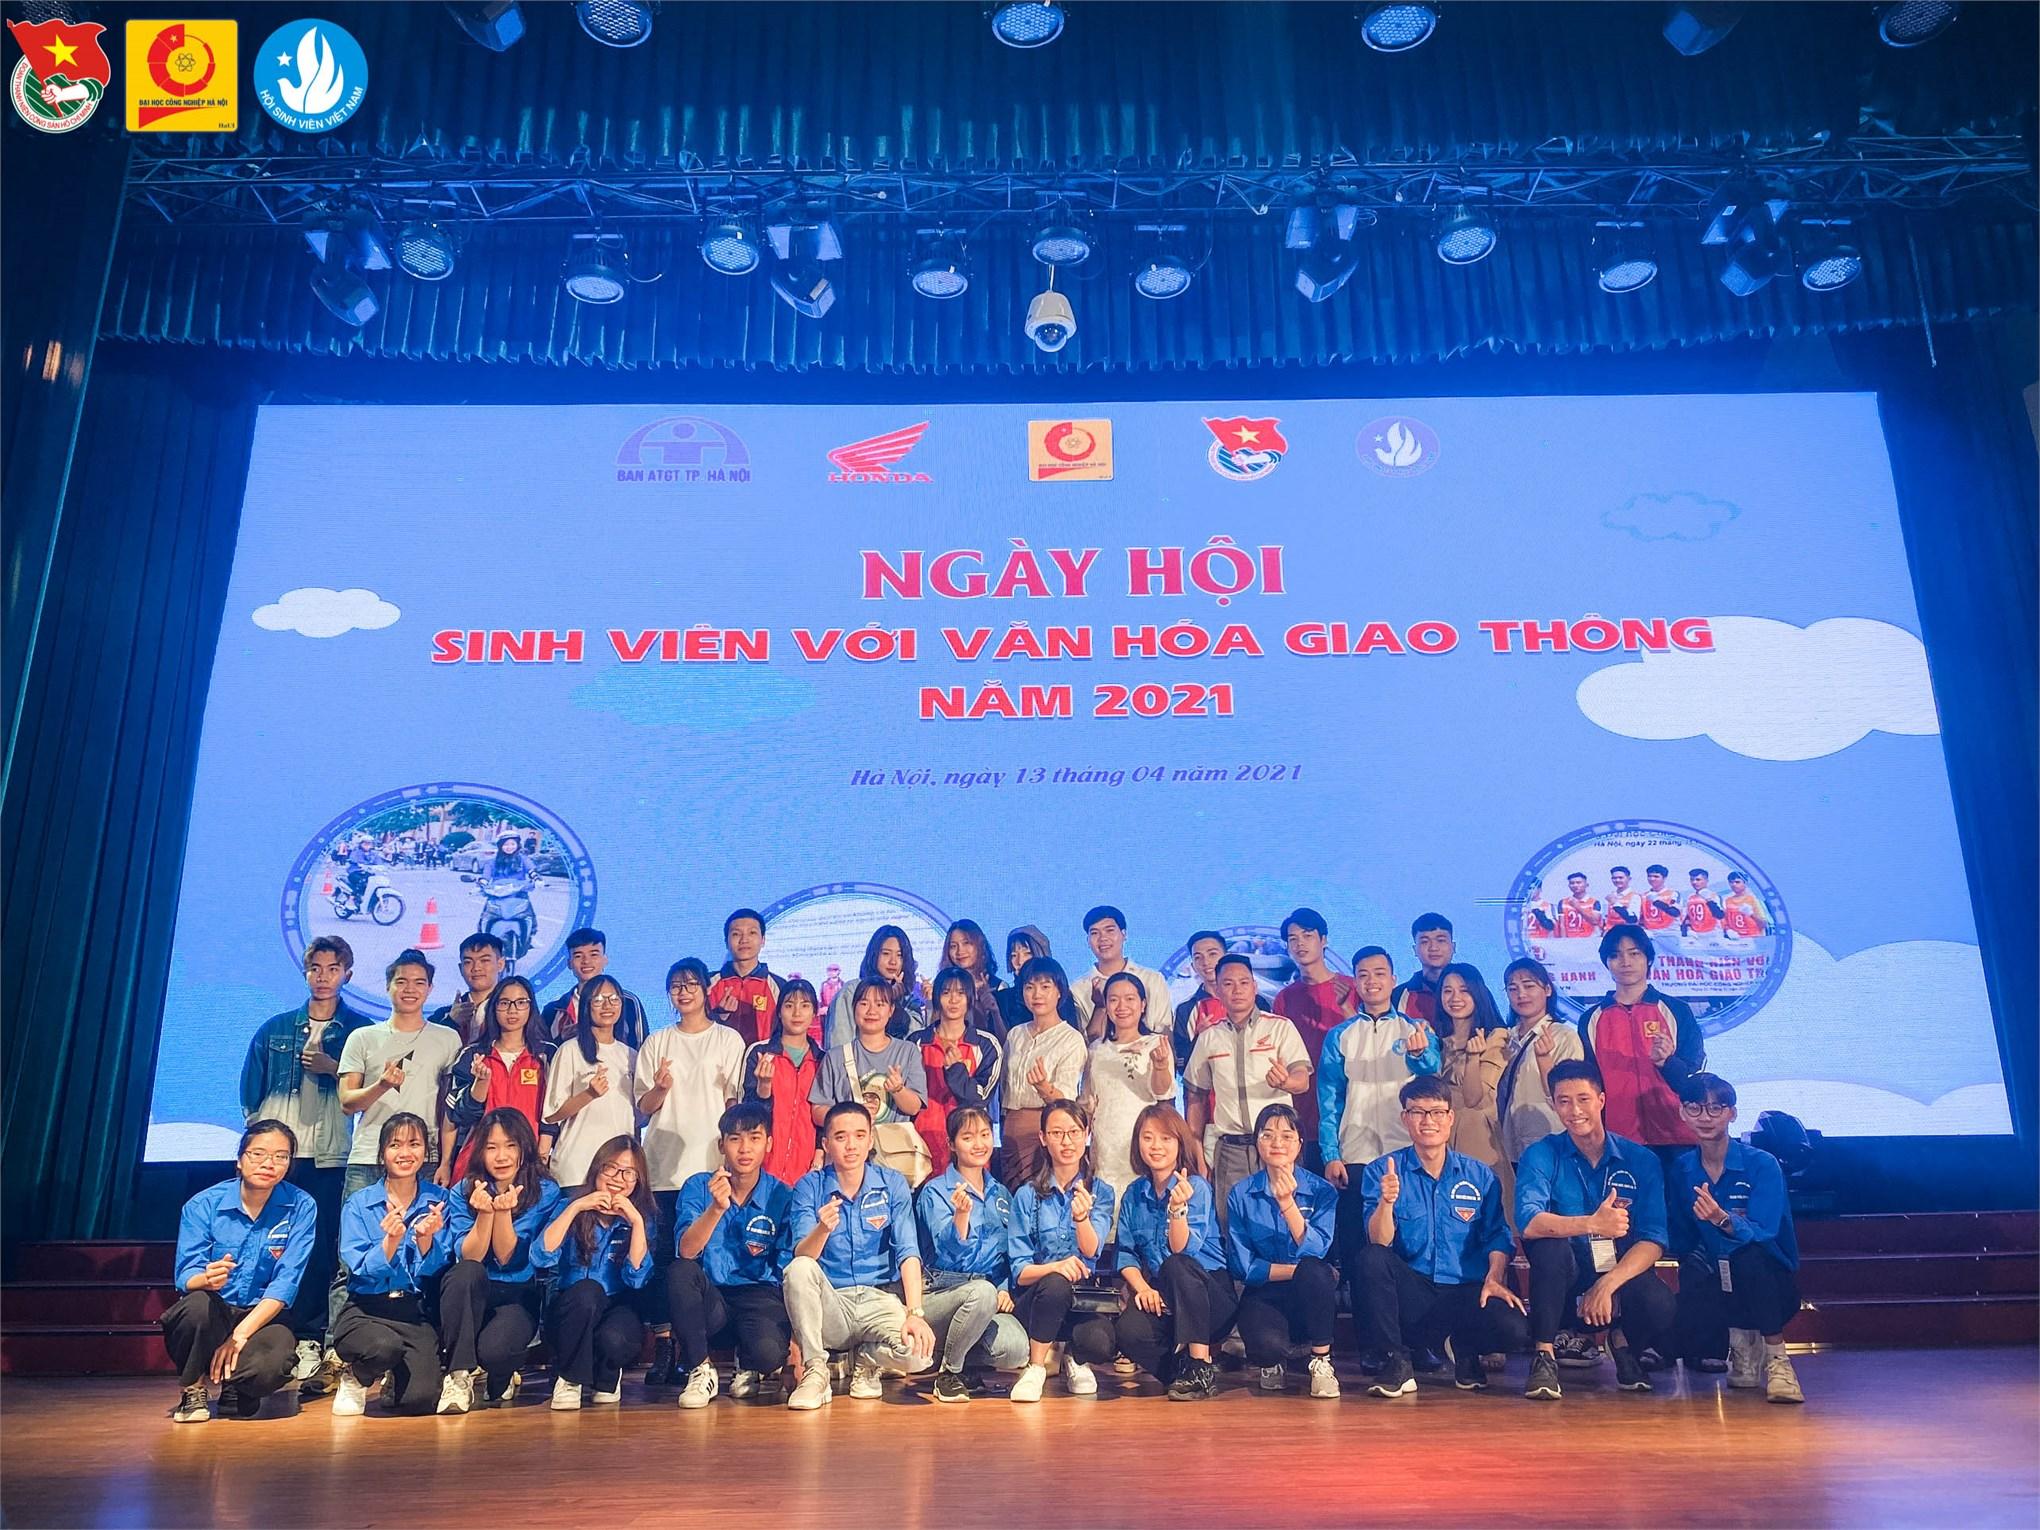 """Tưng bừng """"Ngày hội Sinh viên với văn hóa giao thông"""" năm 2021"""